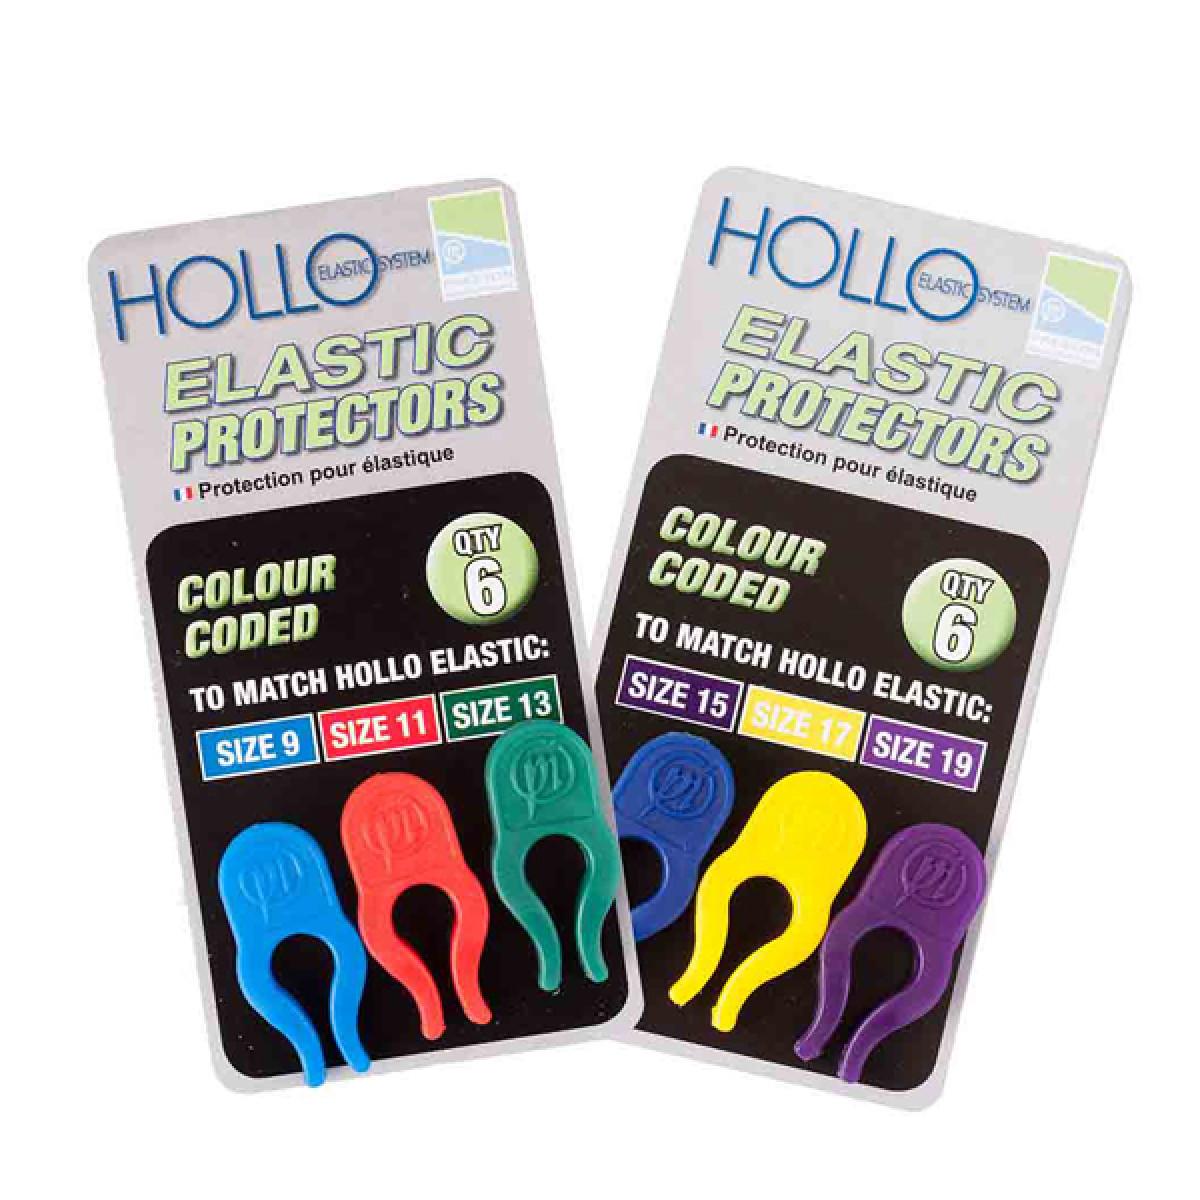 Hollo Elastic Protectors